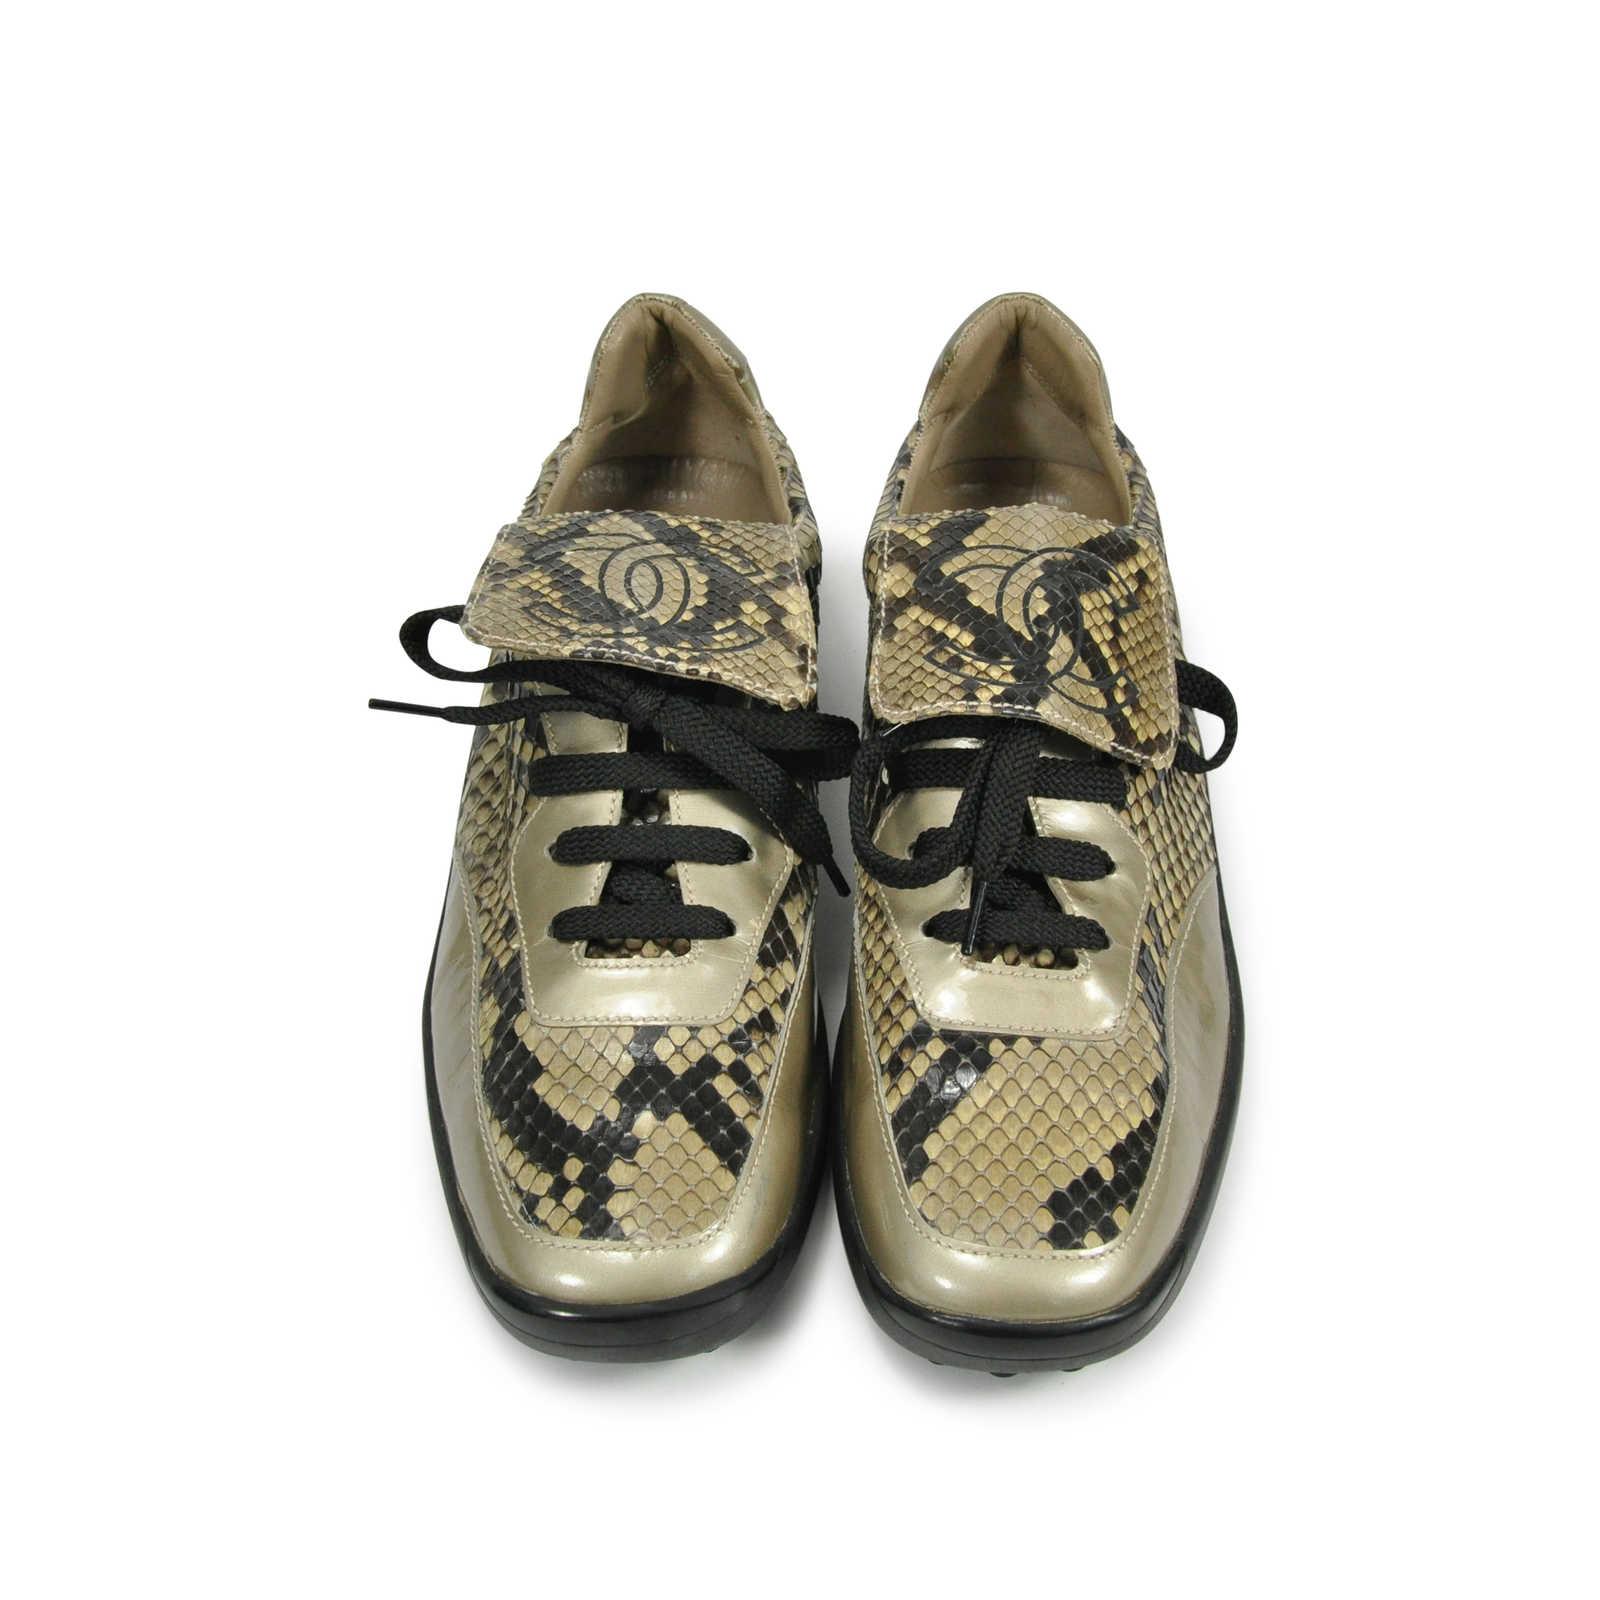 chanel-patent-lizard-skin-sneakers-1.jpg